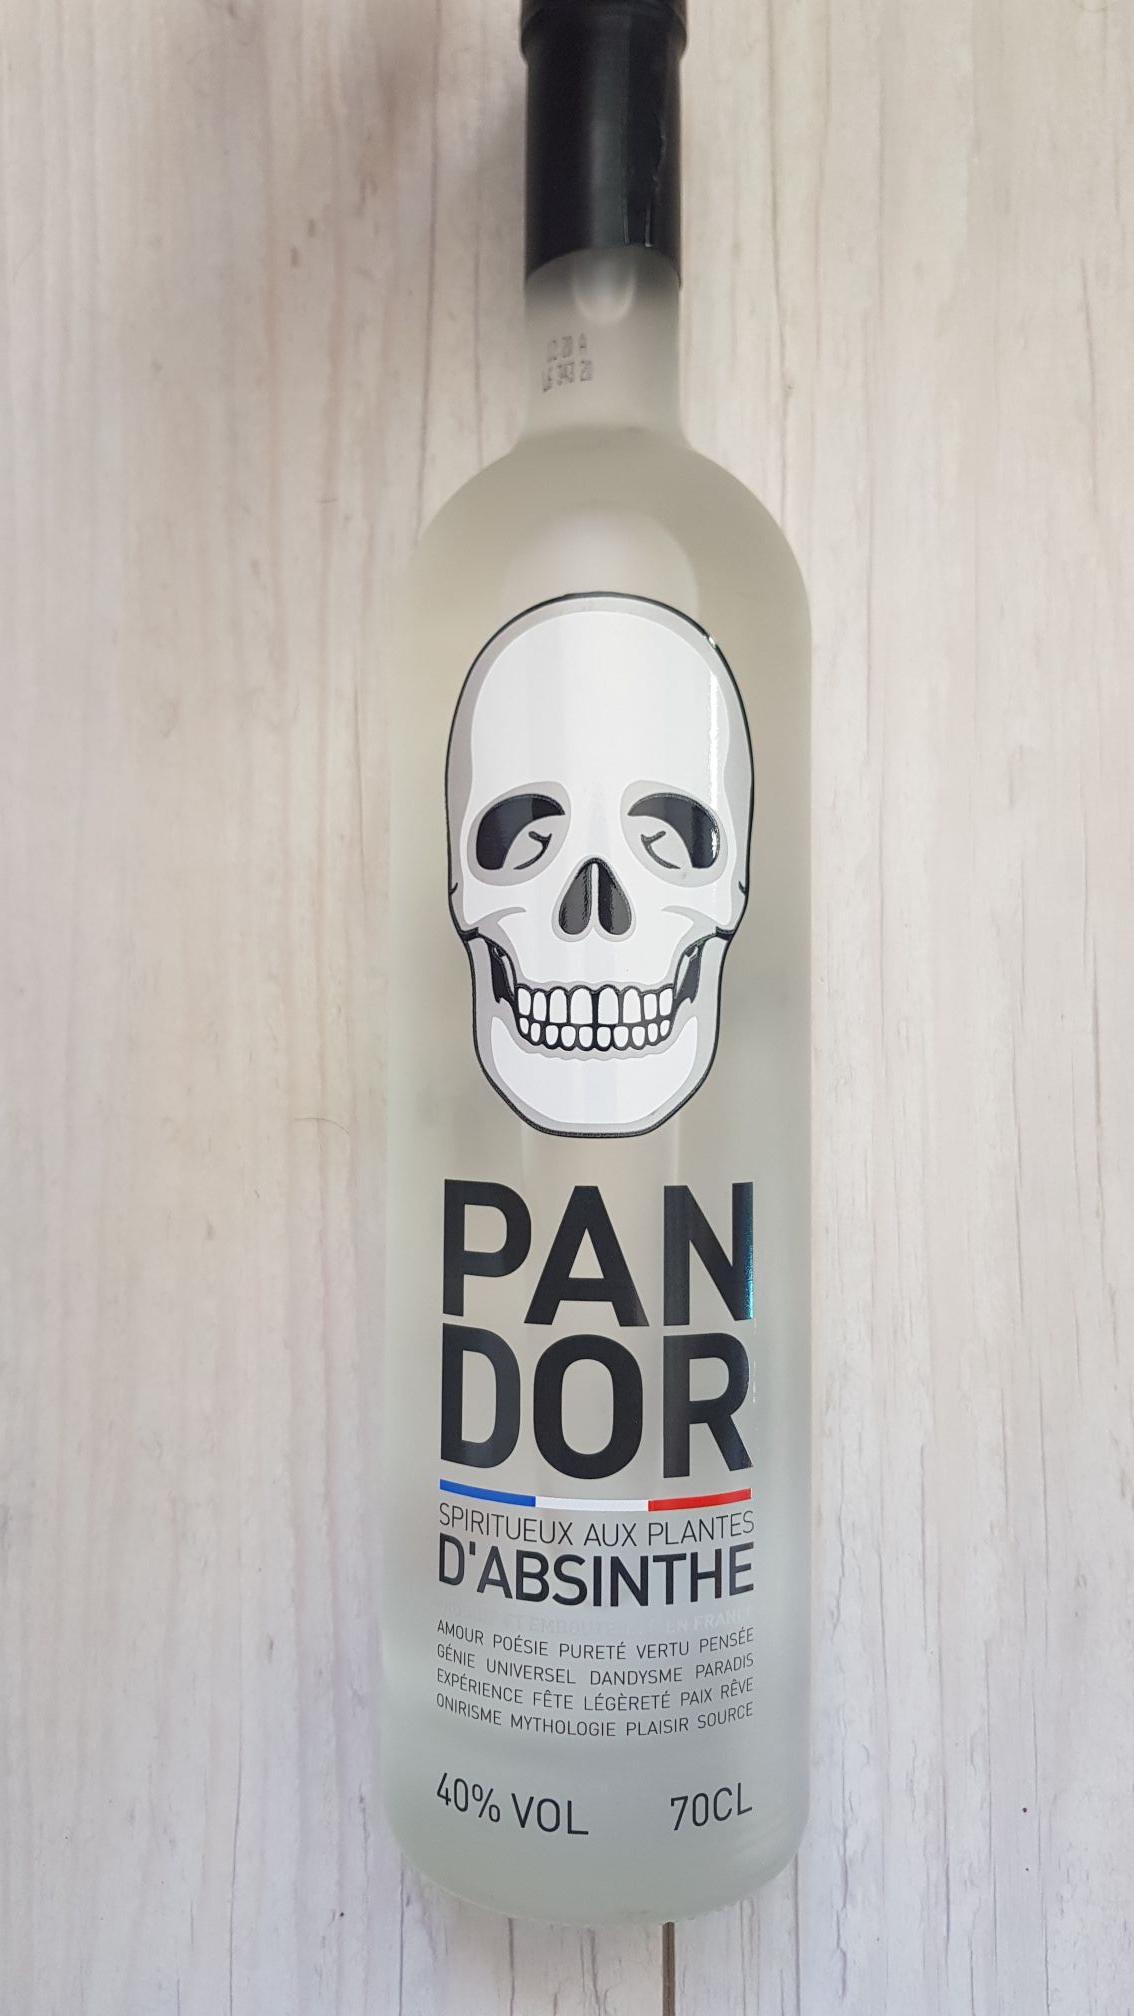 Bouteille de Pandor Spiritueux aux plantes d'absinthe (Estancarbon 31)